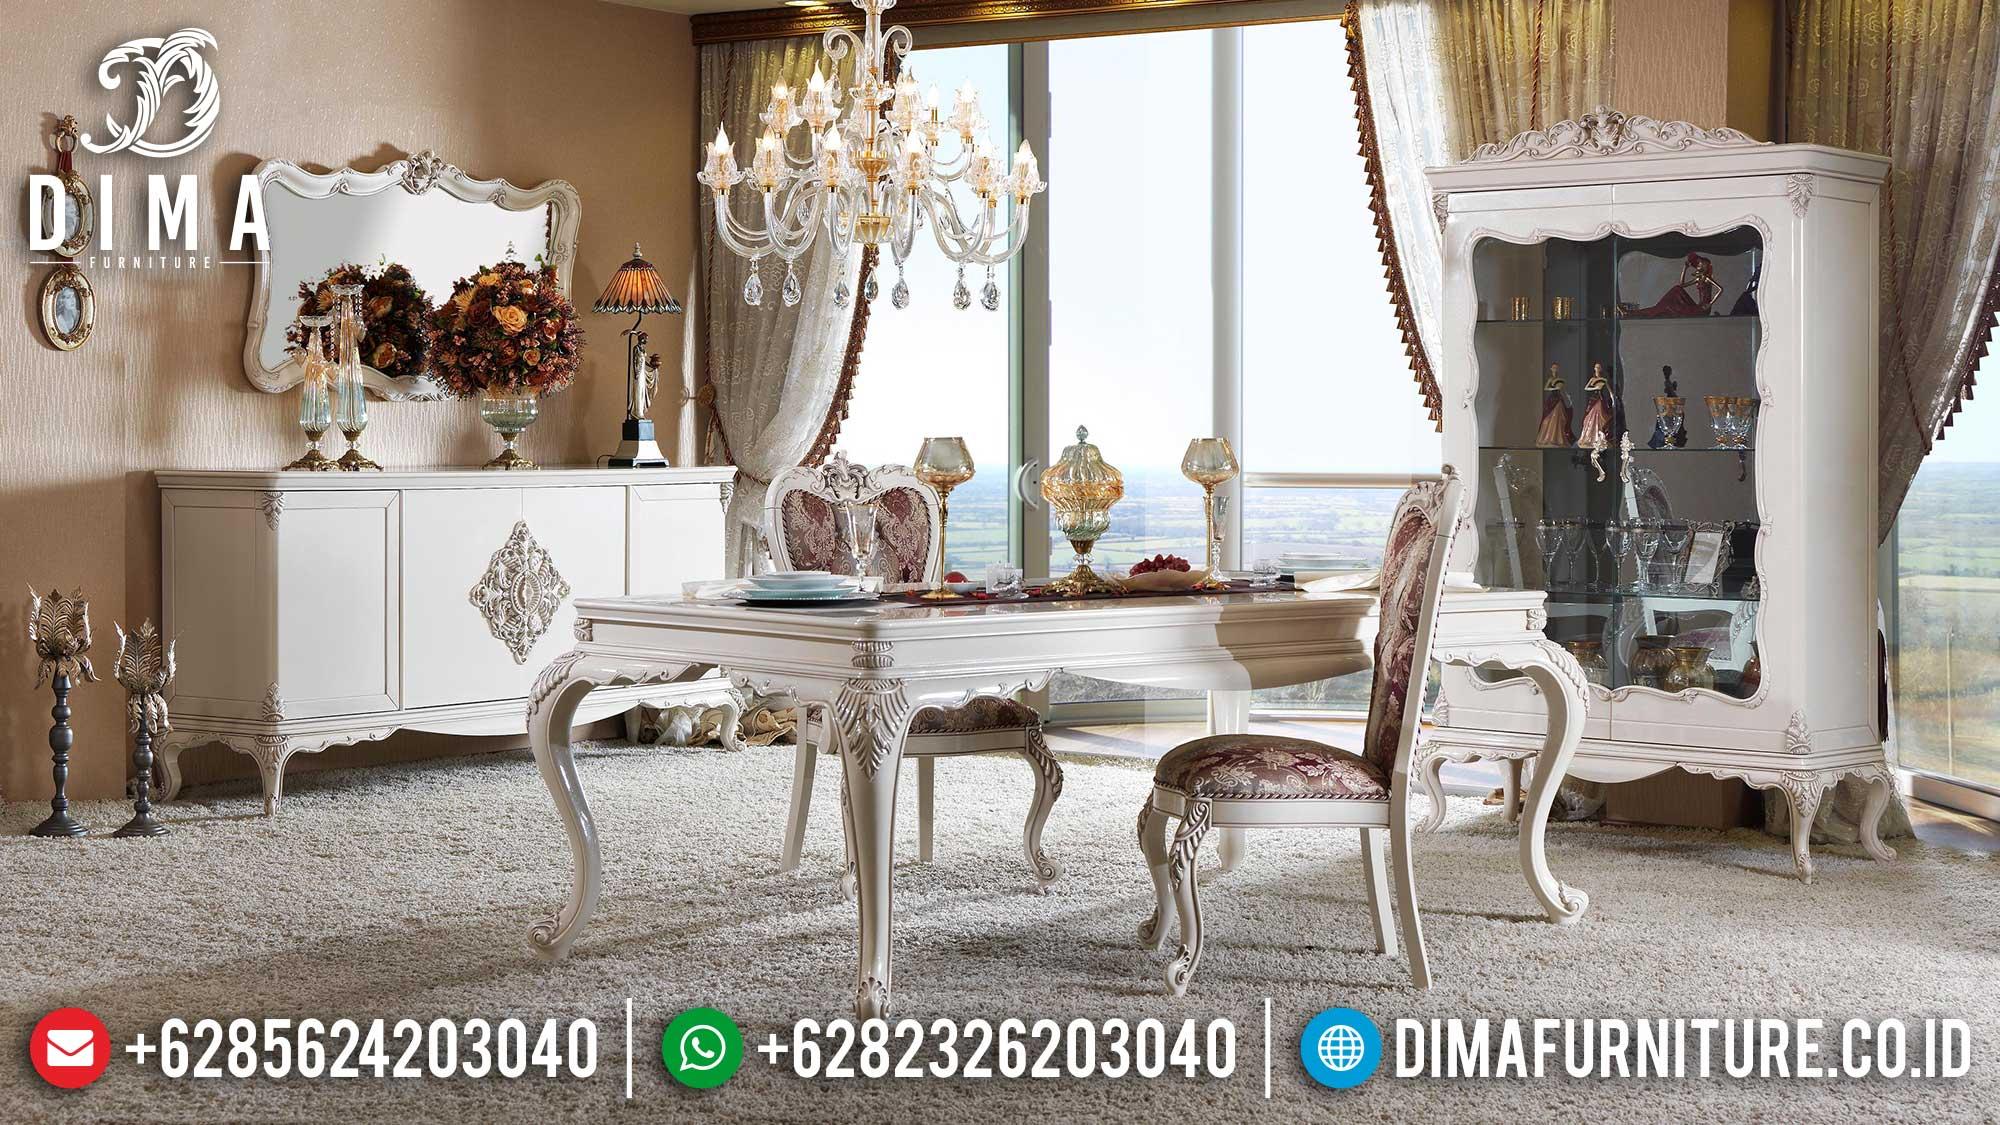 Meja Makan Mewah Terbaru New Design Luxury Carving Jepara Berkualitas TTJ-1377